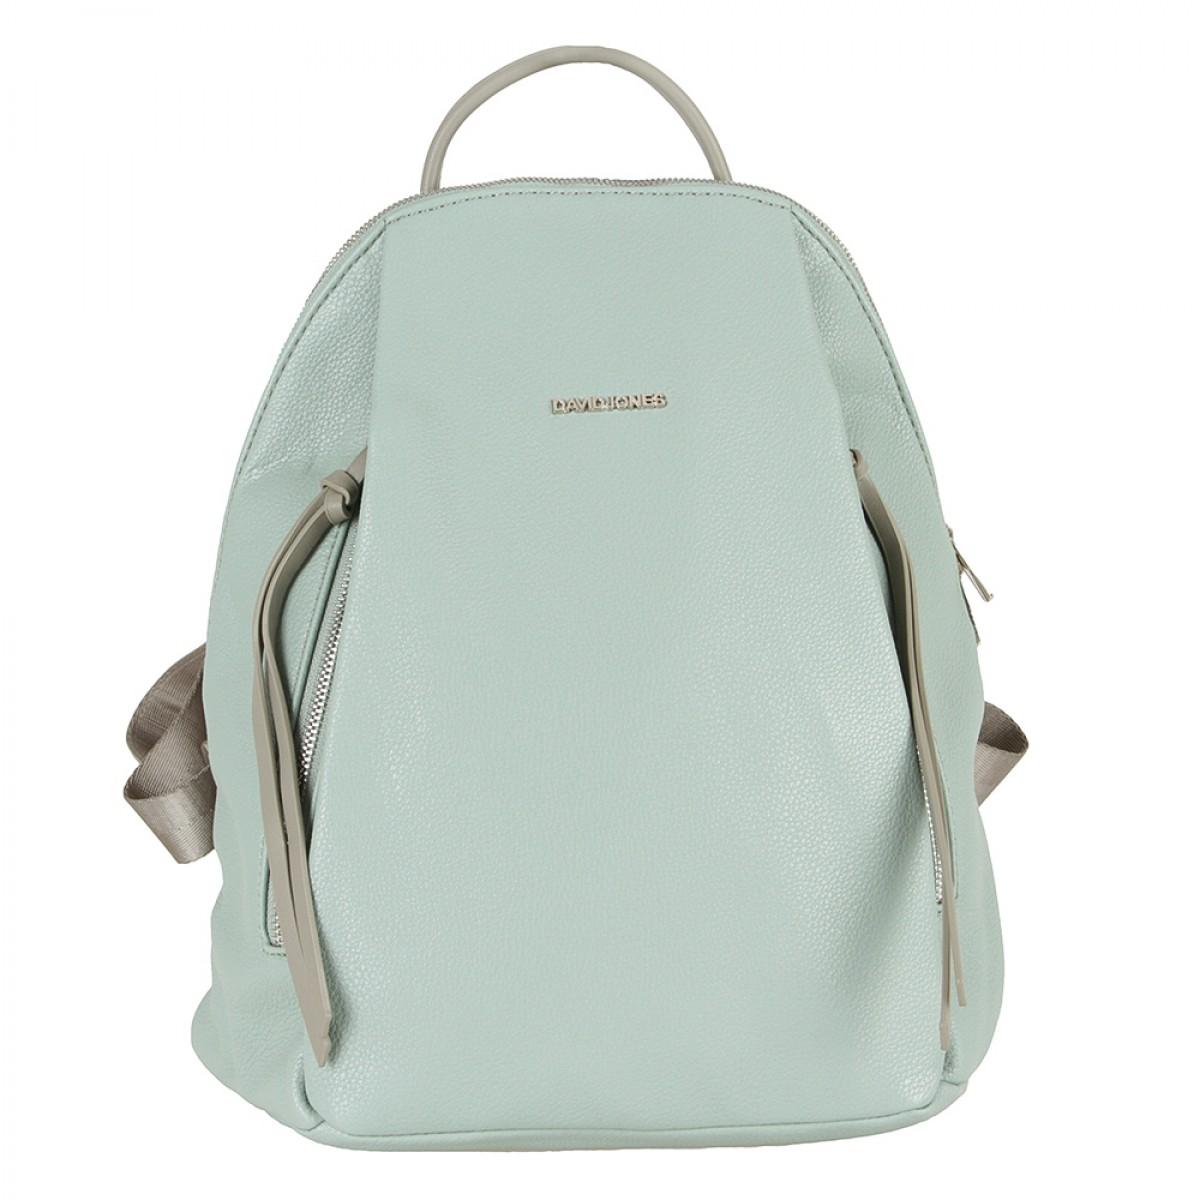 Жіночий рюкзак David Jones 6218-3 GREEN